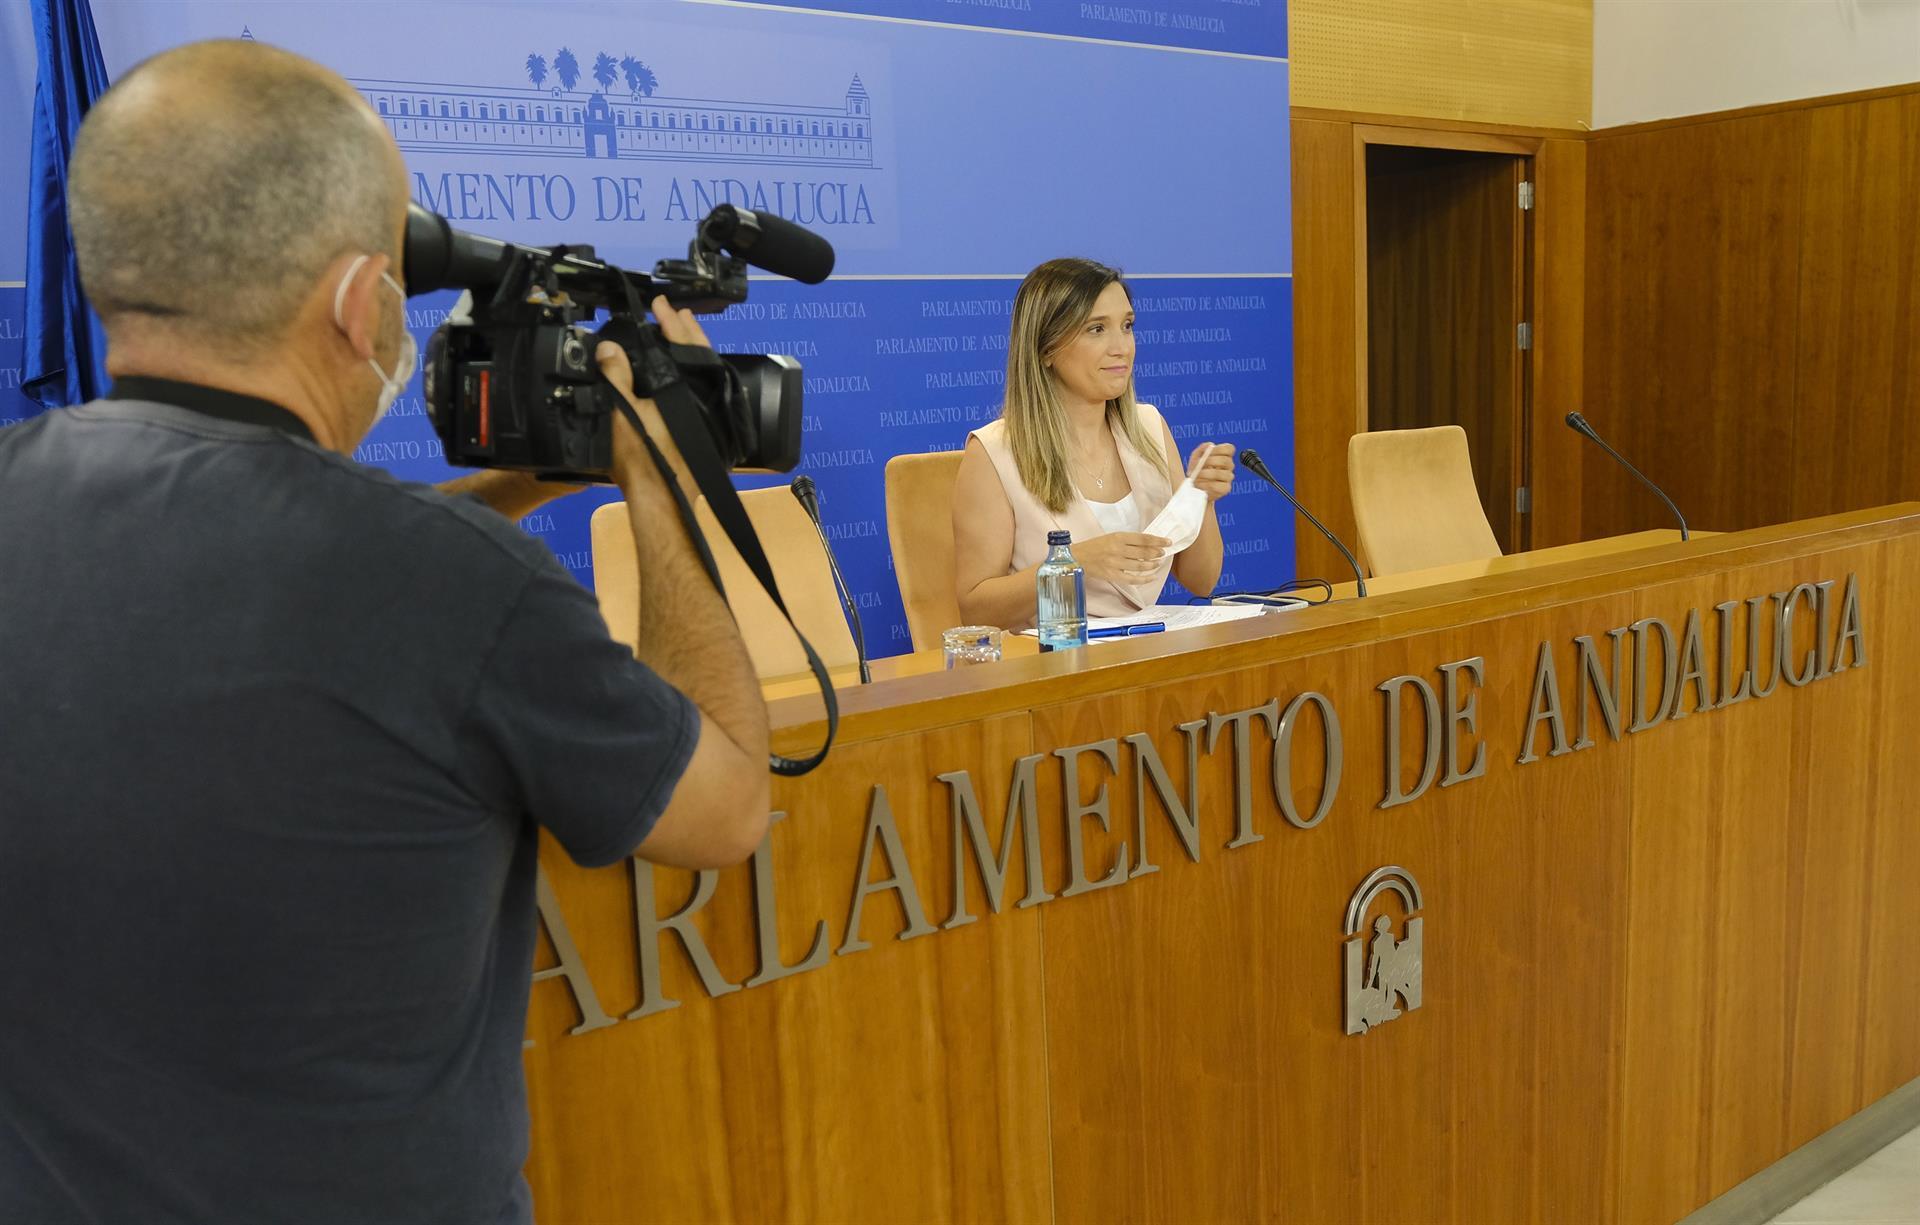 PSOE-A reafirma su «preocupación» por la incidencia en Andalucía y pregunta por el plan de verano de la Junta